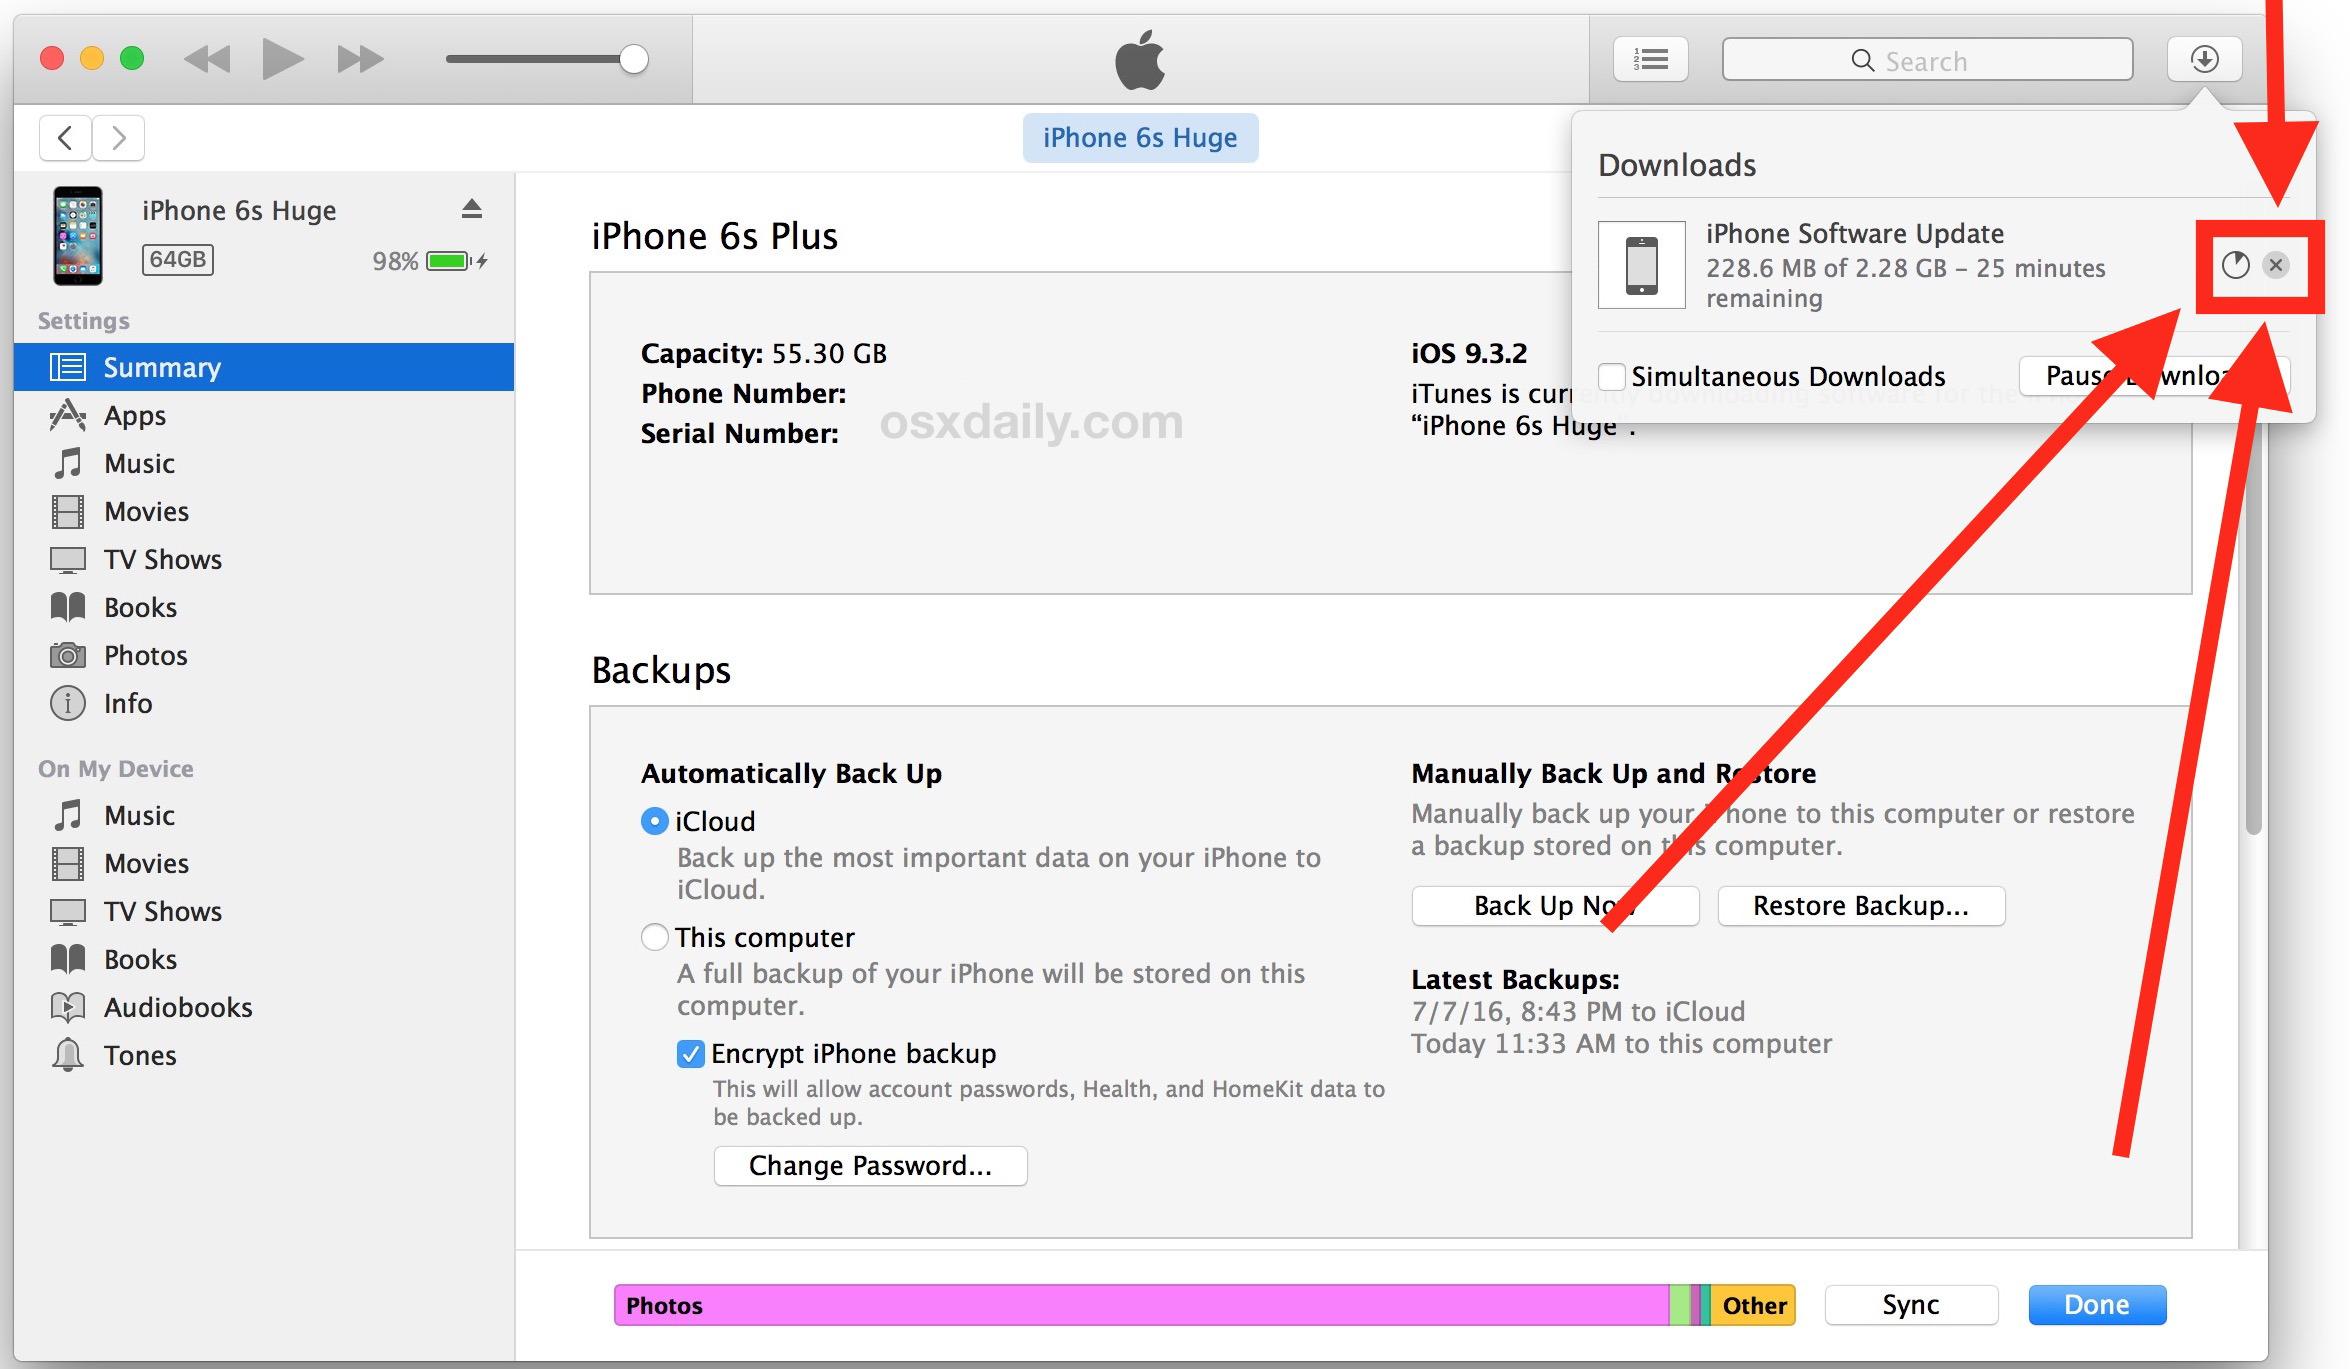 Fai clic per interrompere il download di iOS in iTunes